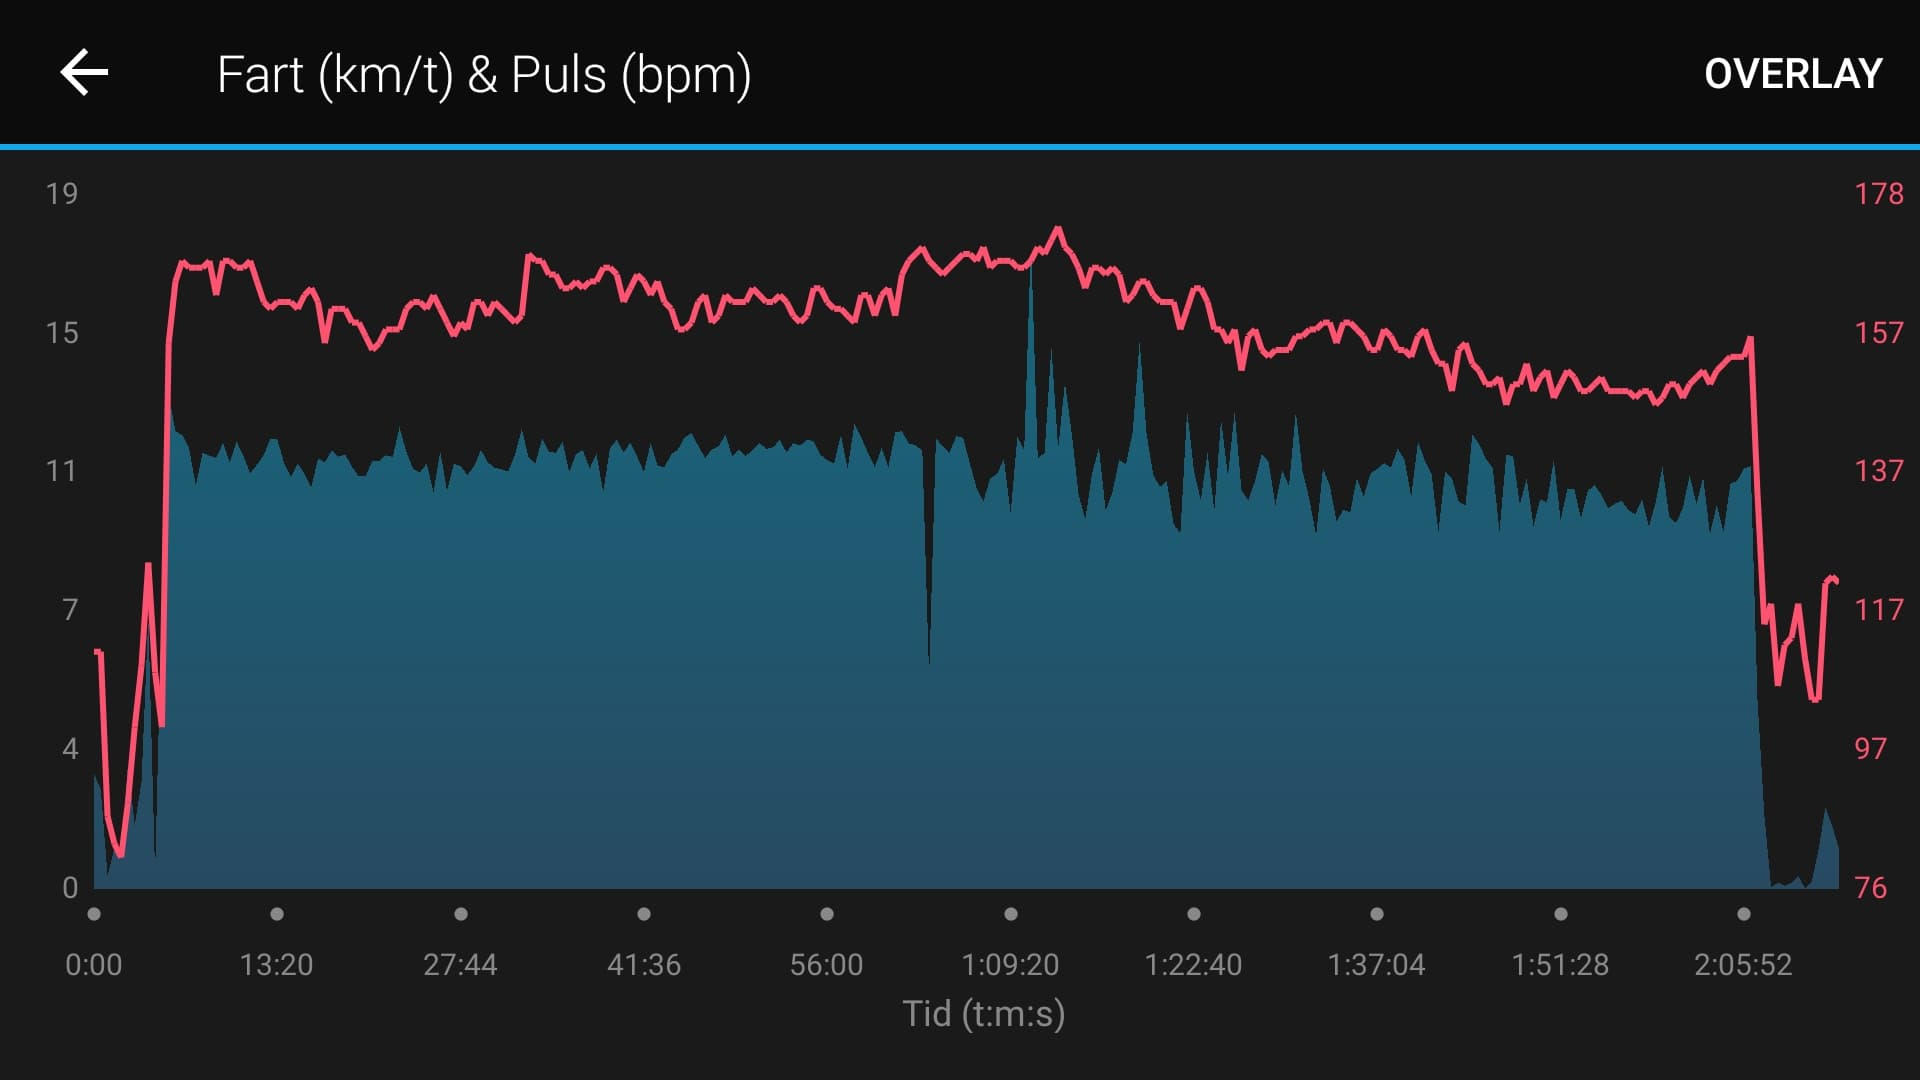 Her er data fra mit løb (Blå: fart, Rød; puls). Men der hvor vi vendet og kan se hvordan i starten, efter vendingen får fanget et par dønninger, men opgiver til sidst.